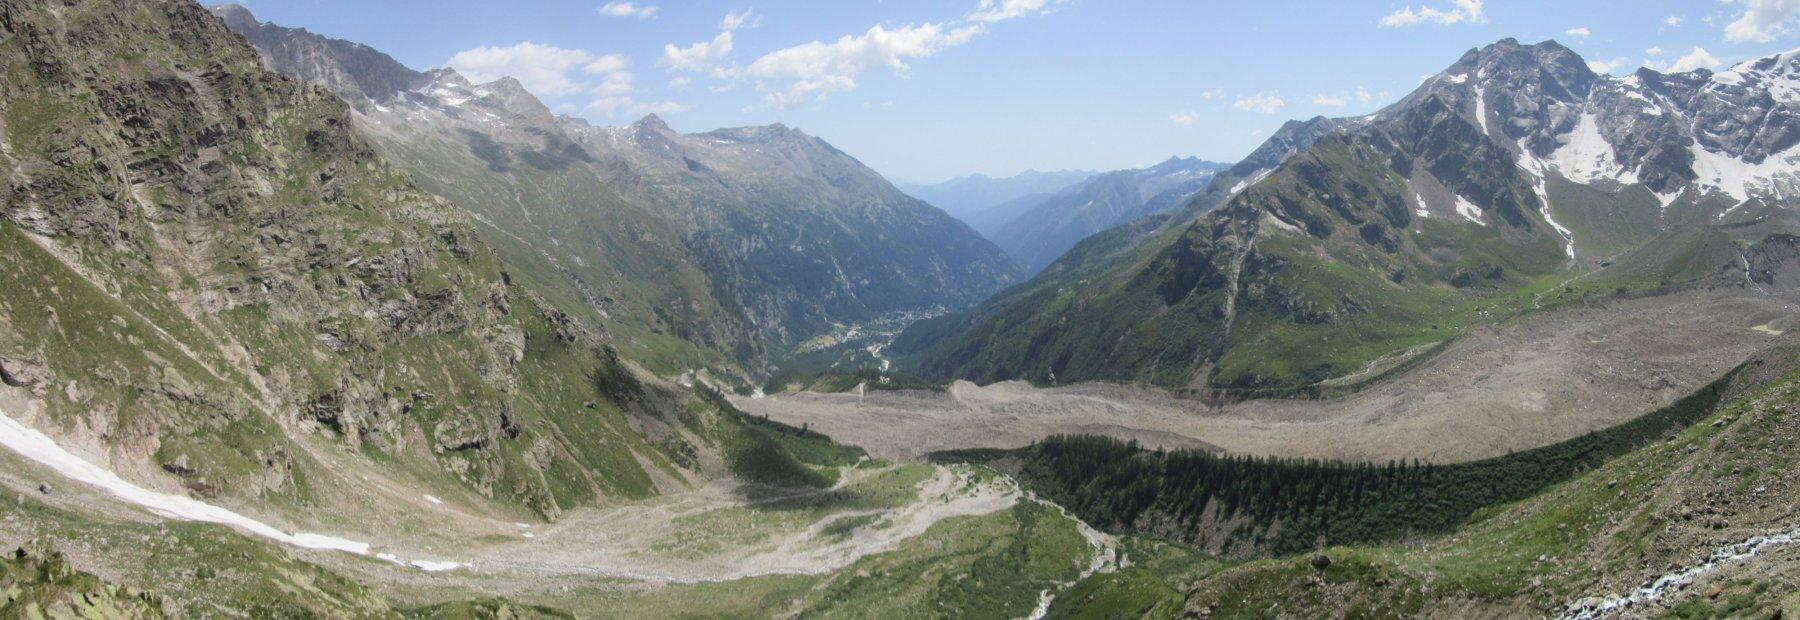 La lingua del ghiacciaio del Belvedere